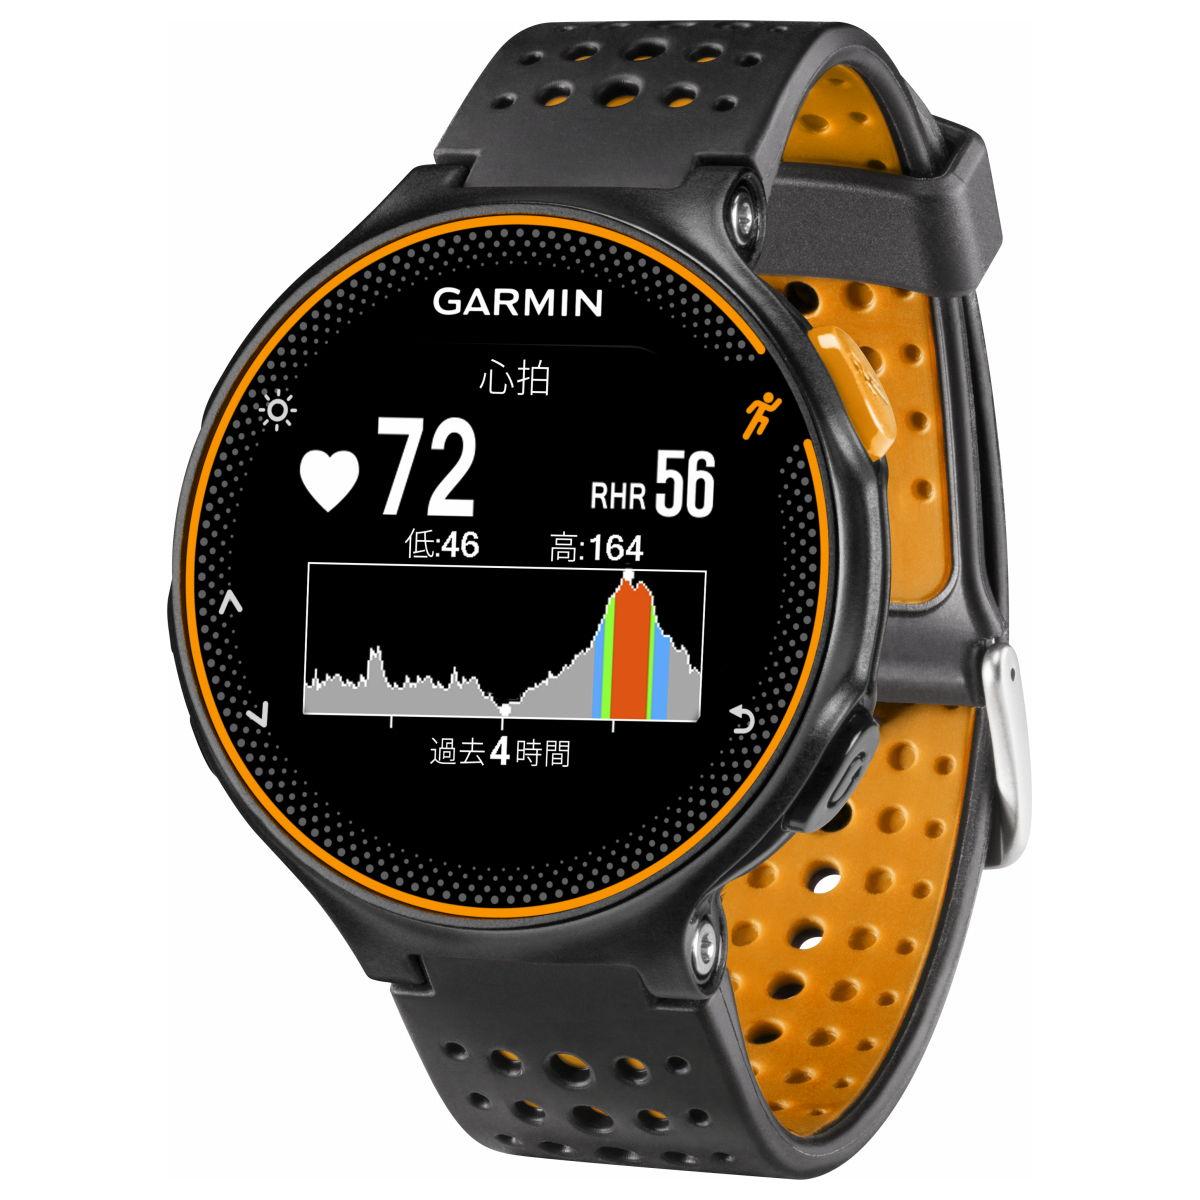 ガーミン GARMIN フォーアスリート235J ForeAthlete235J Black Orange スマートウォッチ ウェアラブル端末 腕時計 メンズ レディース 010-03717-6J